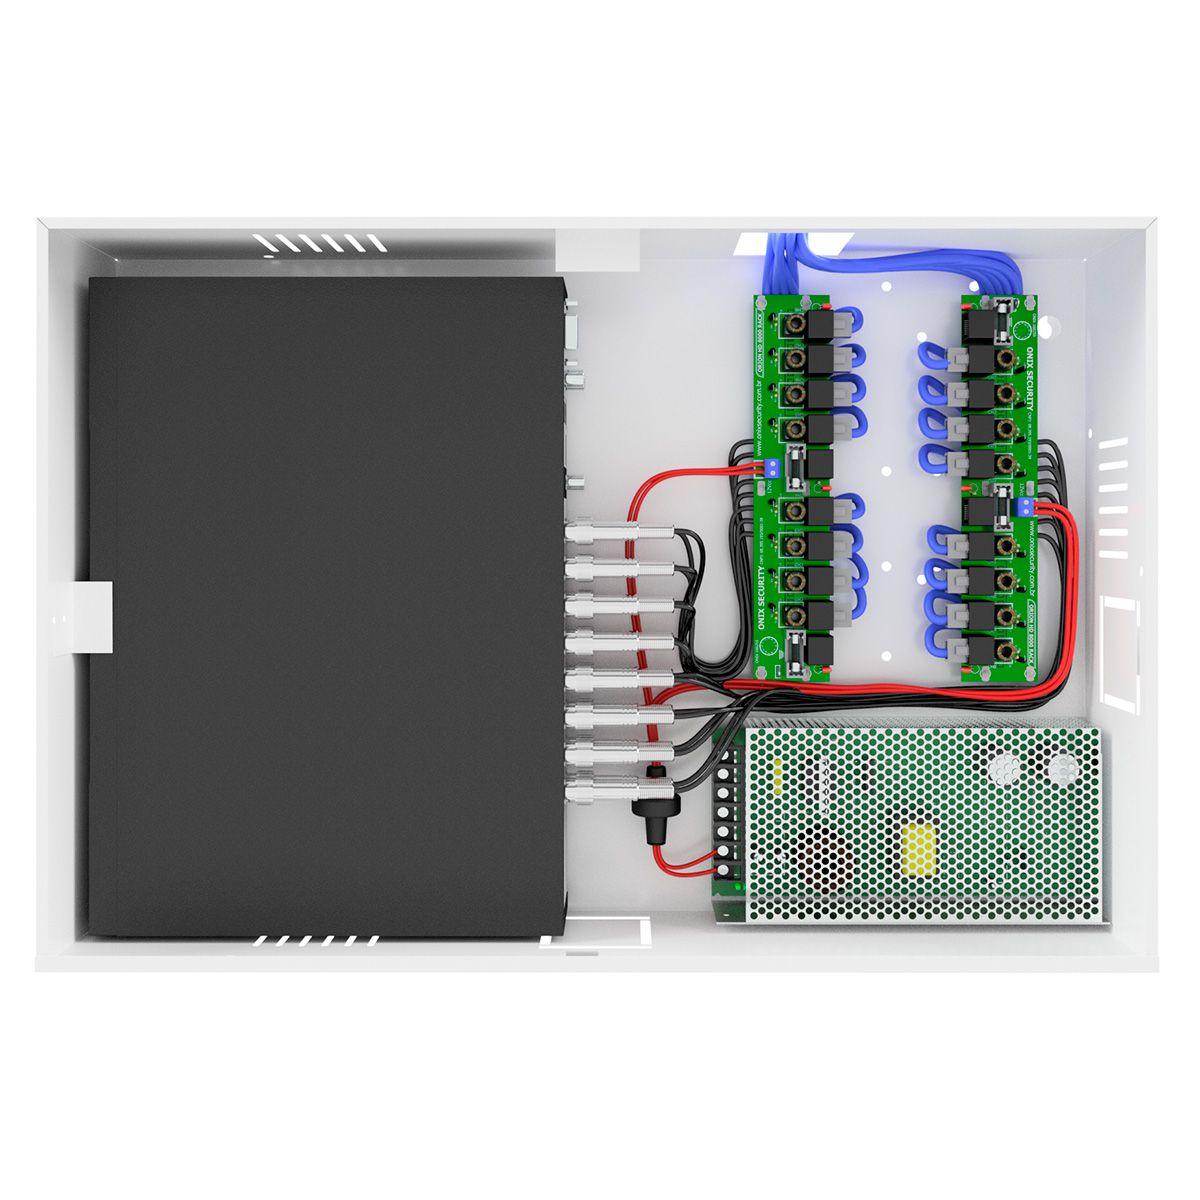 Rack Power Balun HD 8000 16 Ch De Até 5Mp Onix Security Leva Sinal de Video e Alimentação Através Único Cabo e Fonte Inclusa, Organizador Vertical  - Tudo Forte